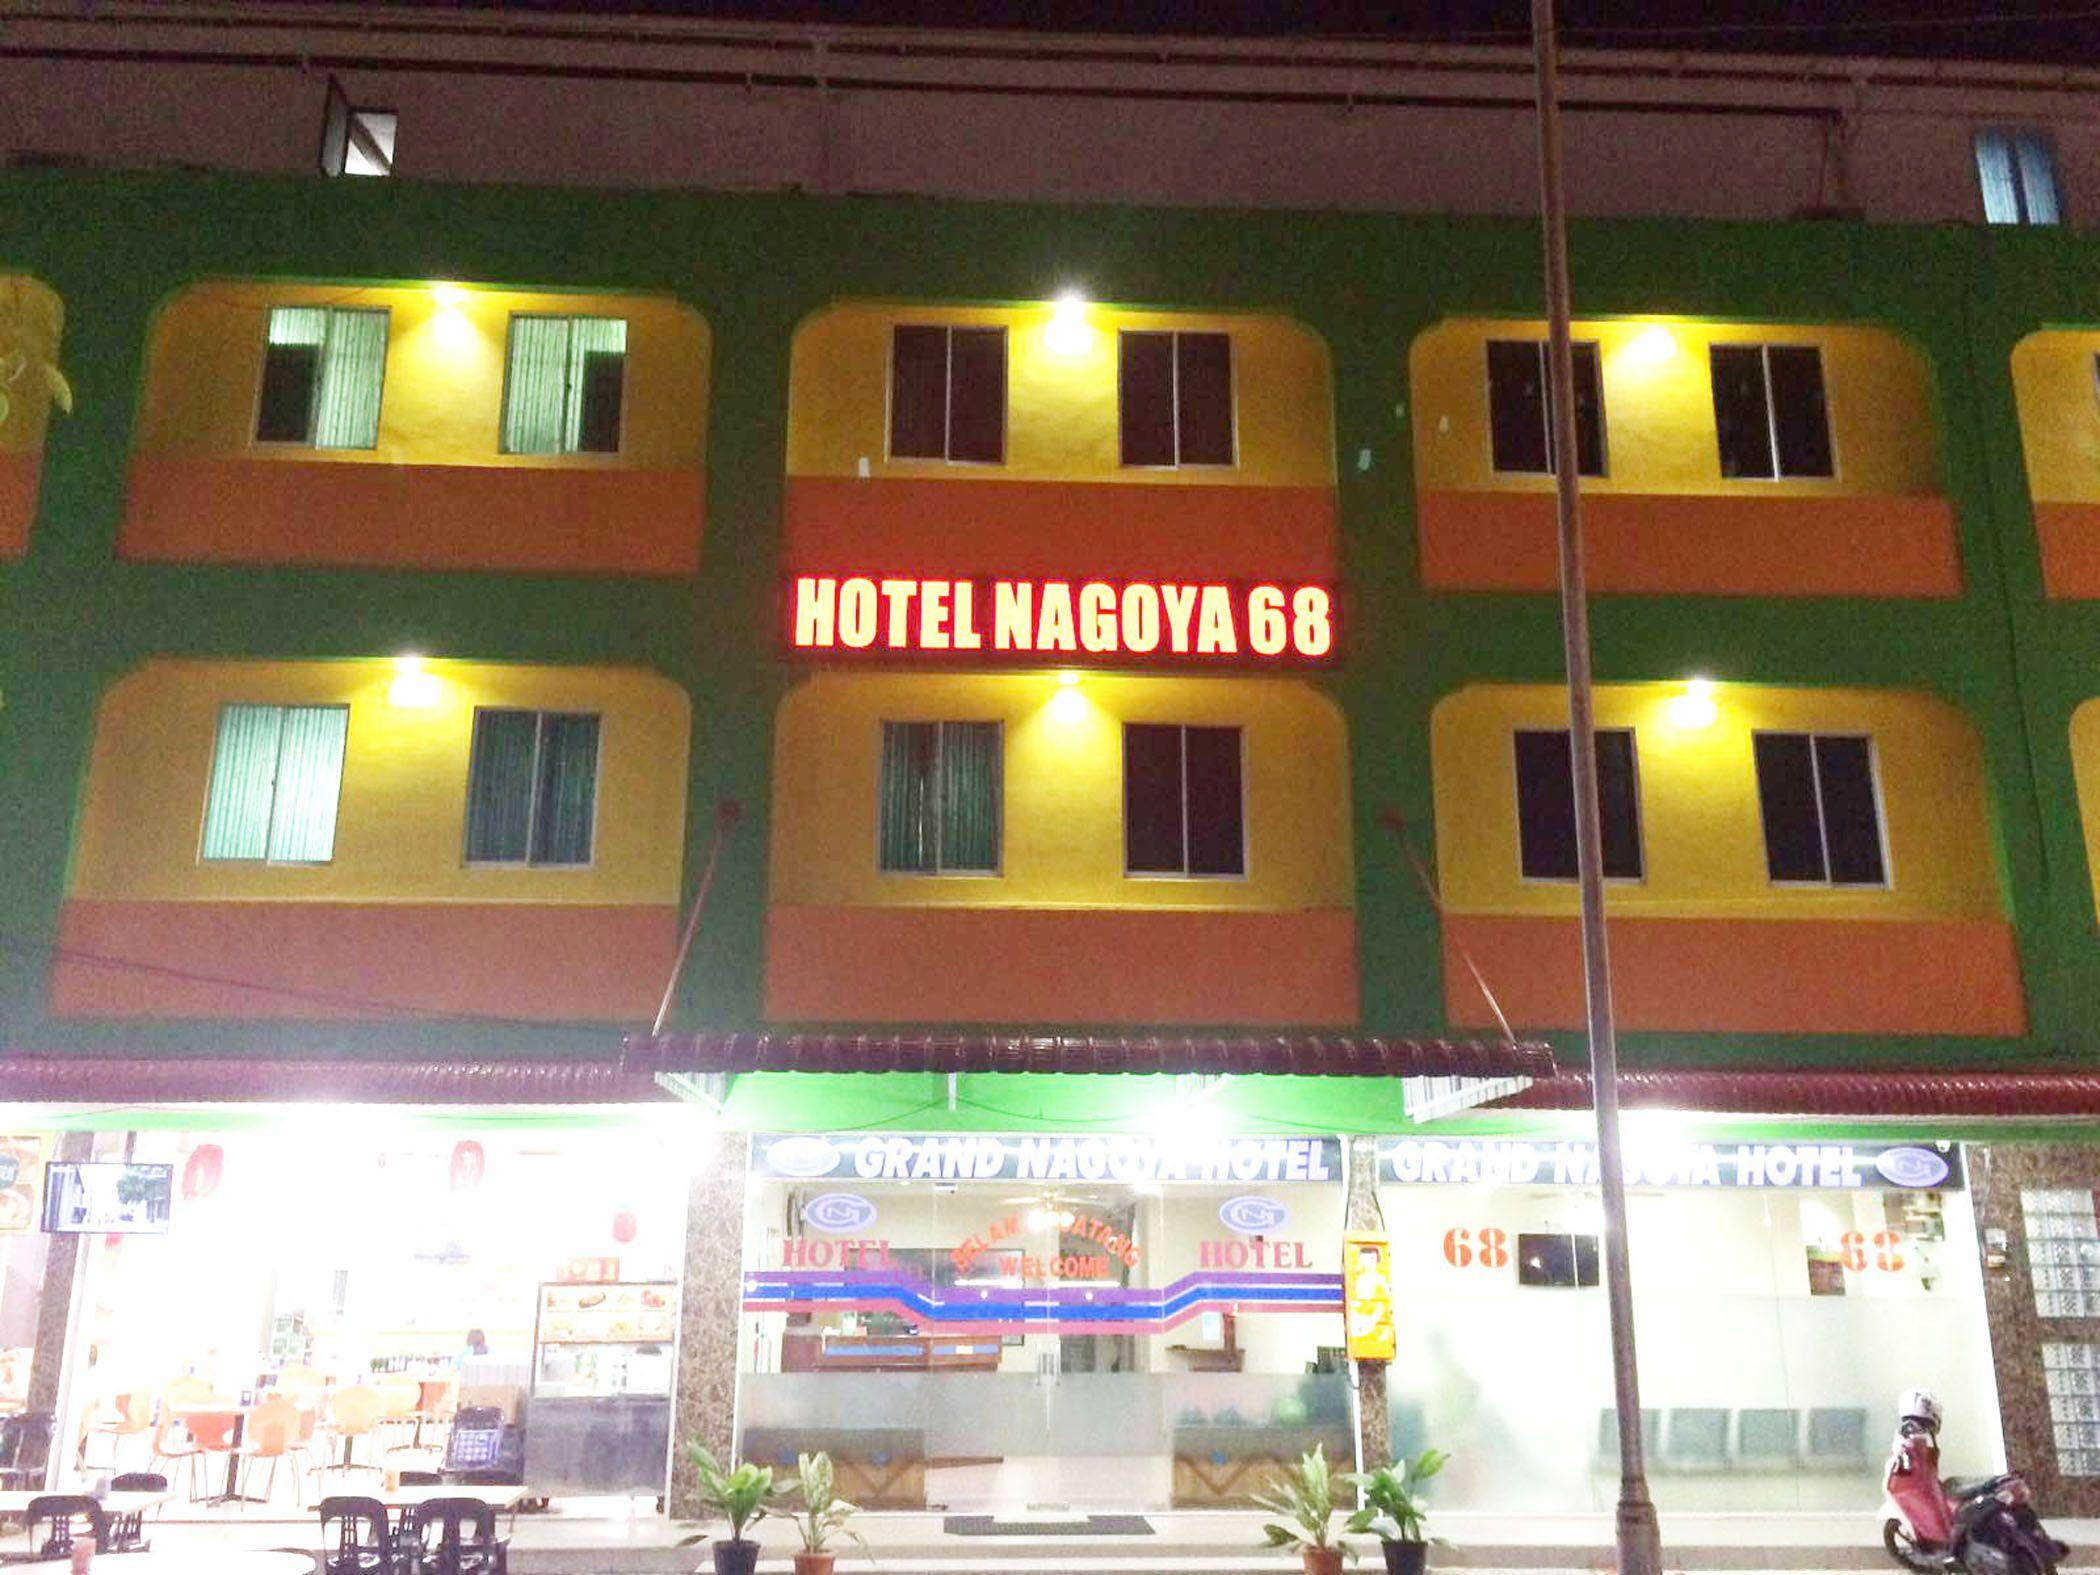 Hotel Nagoya 68 Batam, Batam